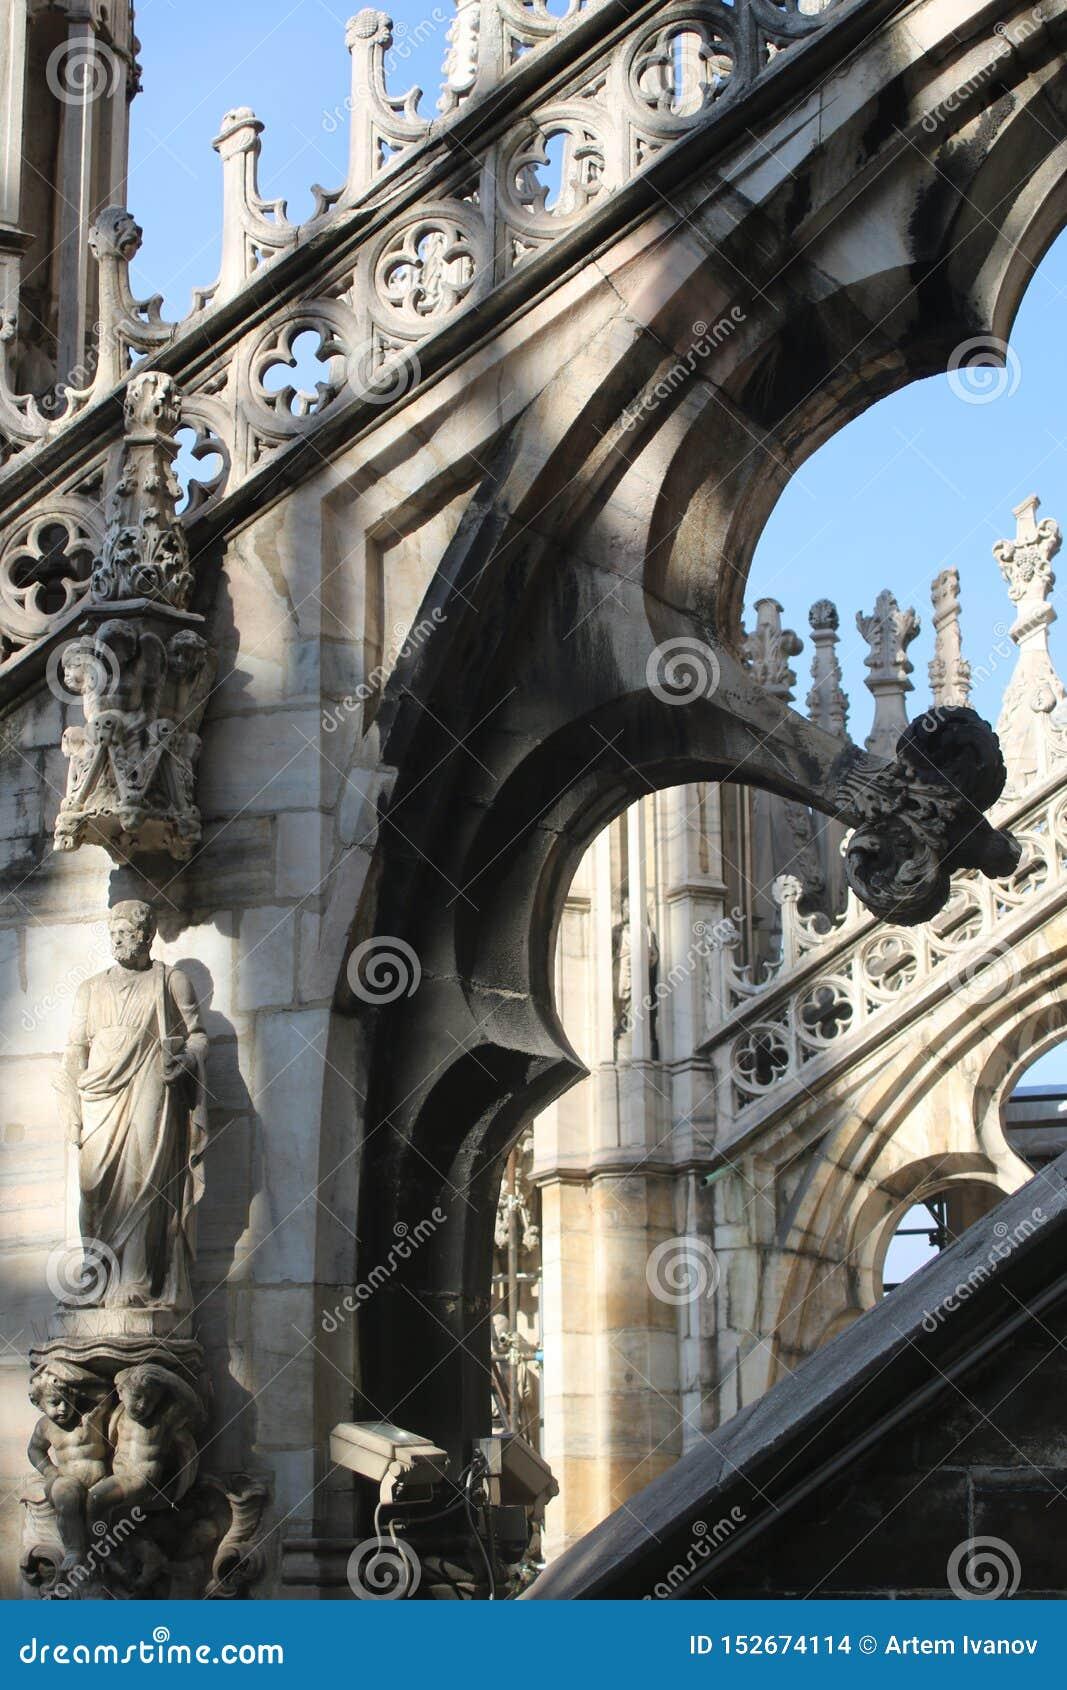 雕刻的装饰和米兰主教座堂的拱式扶垛